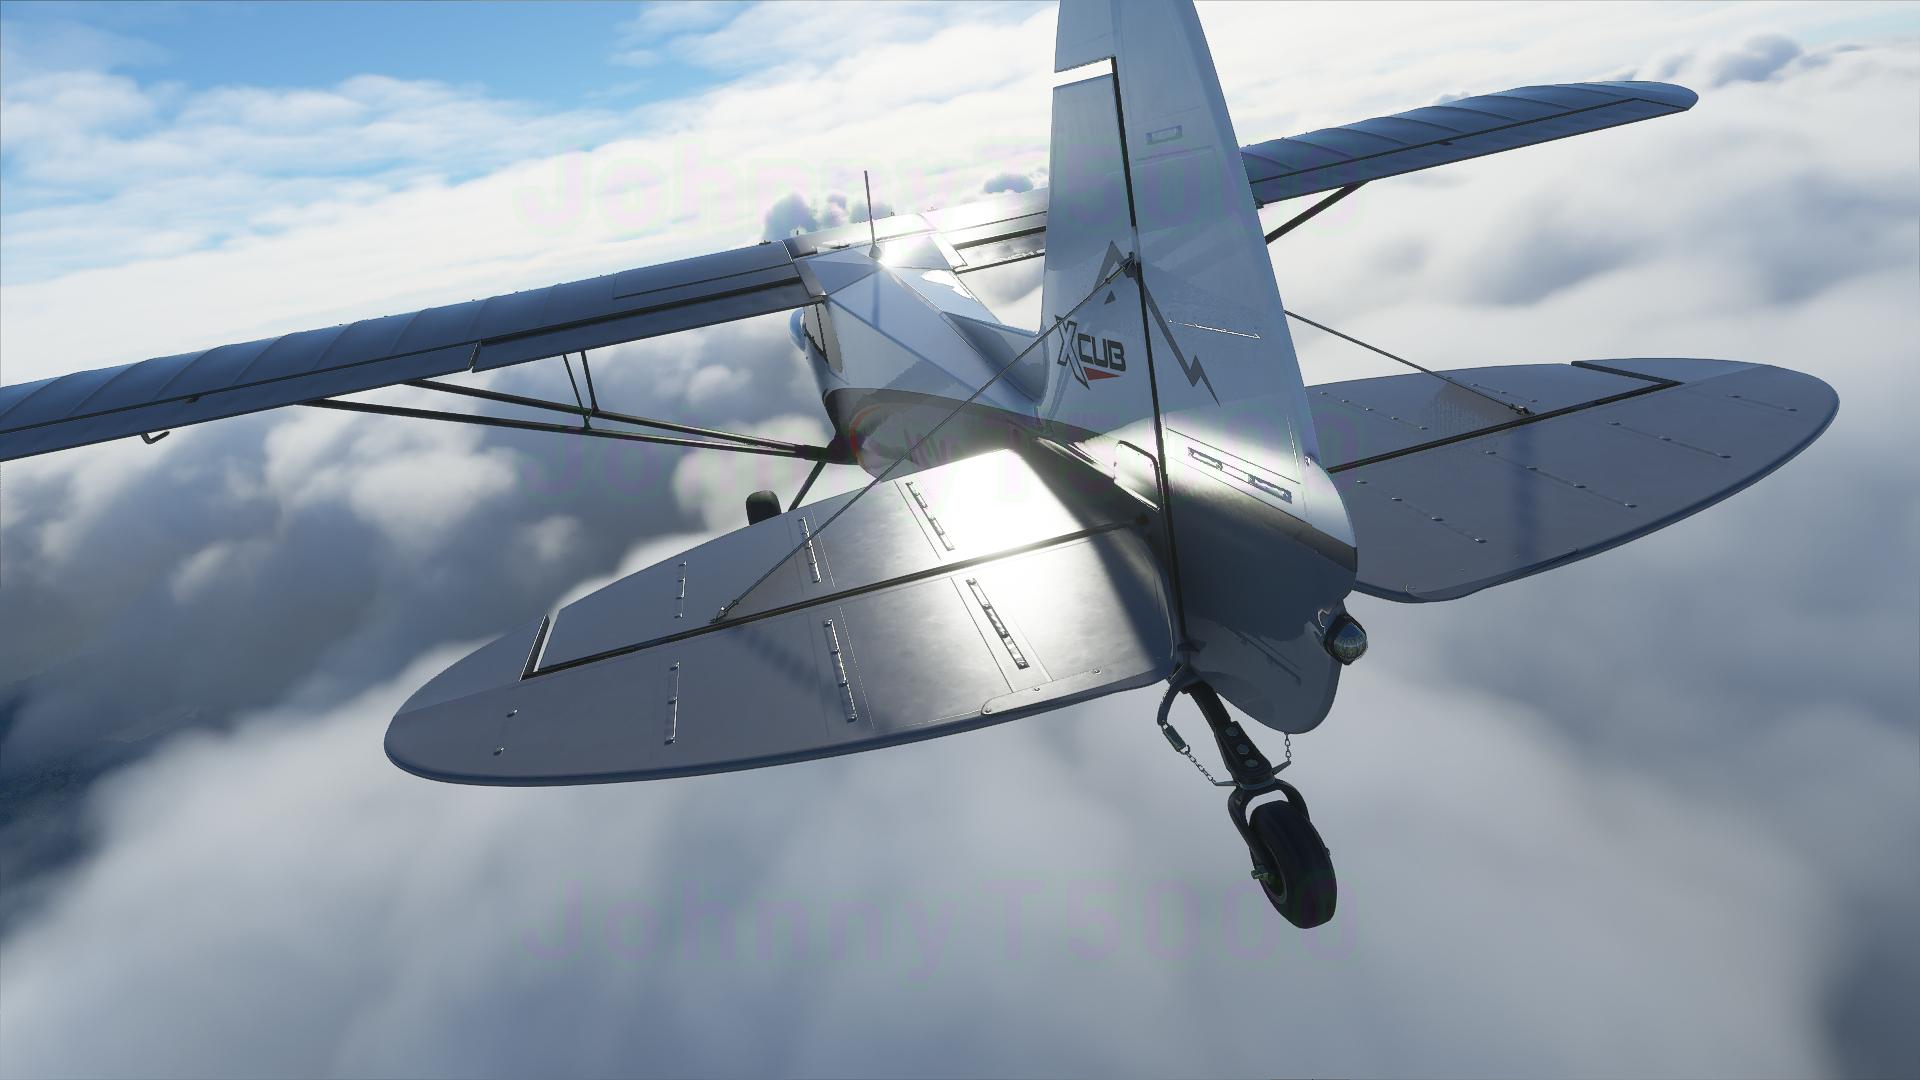 Bush Flying Idaho LEG 3